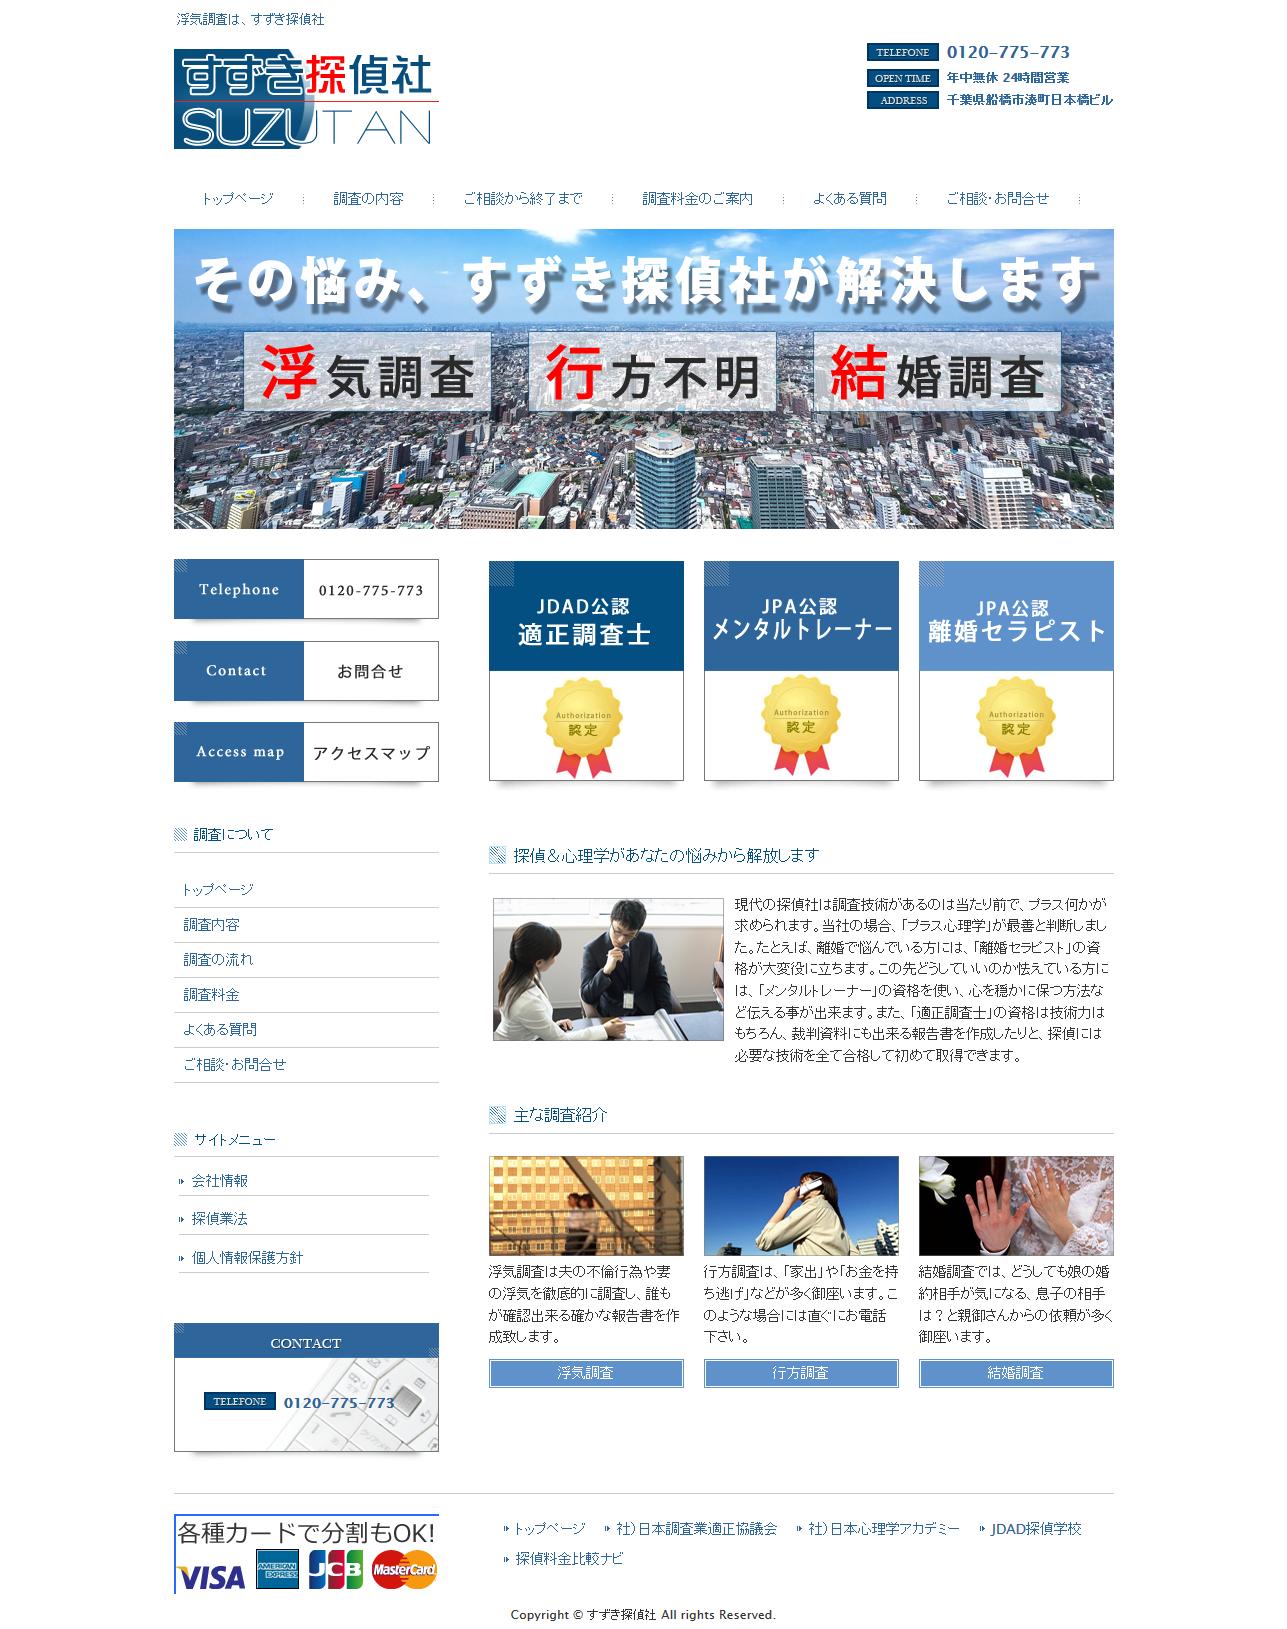 すずき探偵社http://www.suzutan.info/